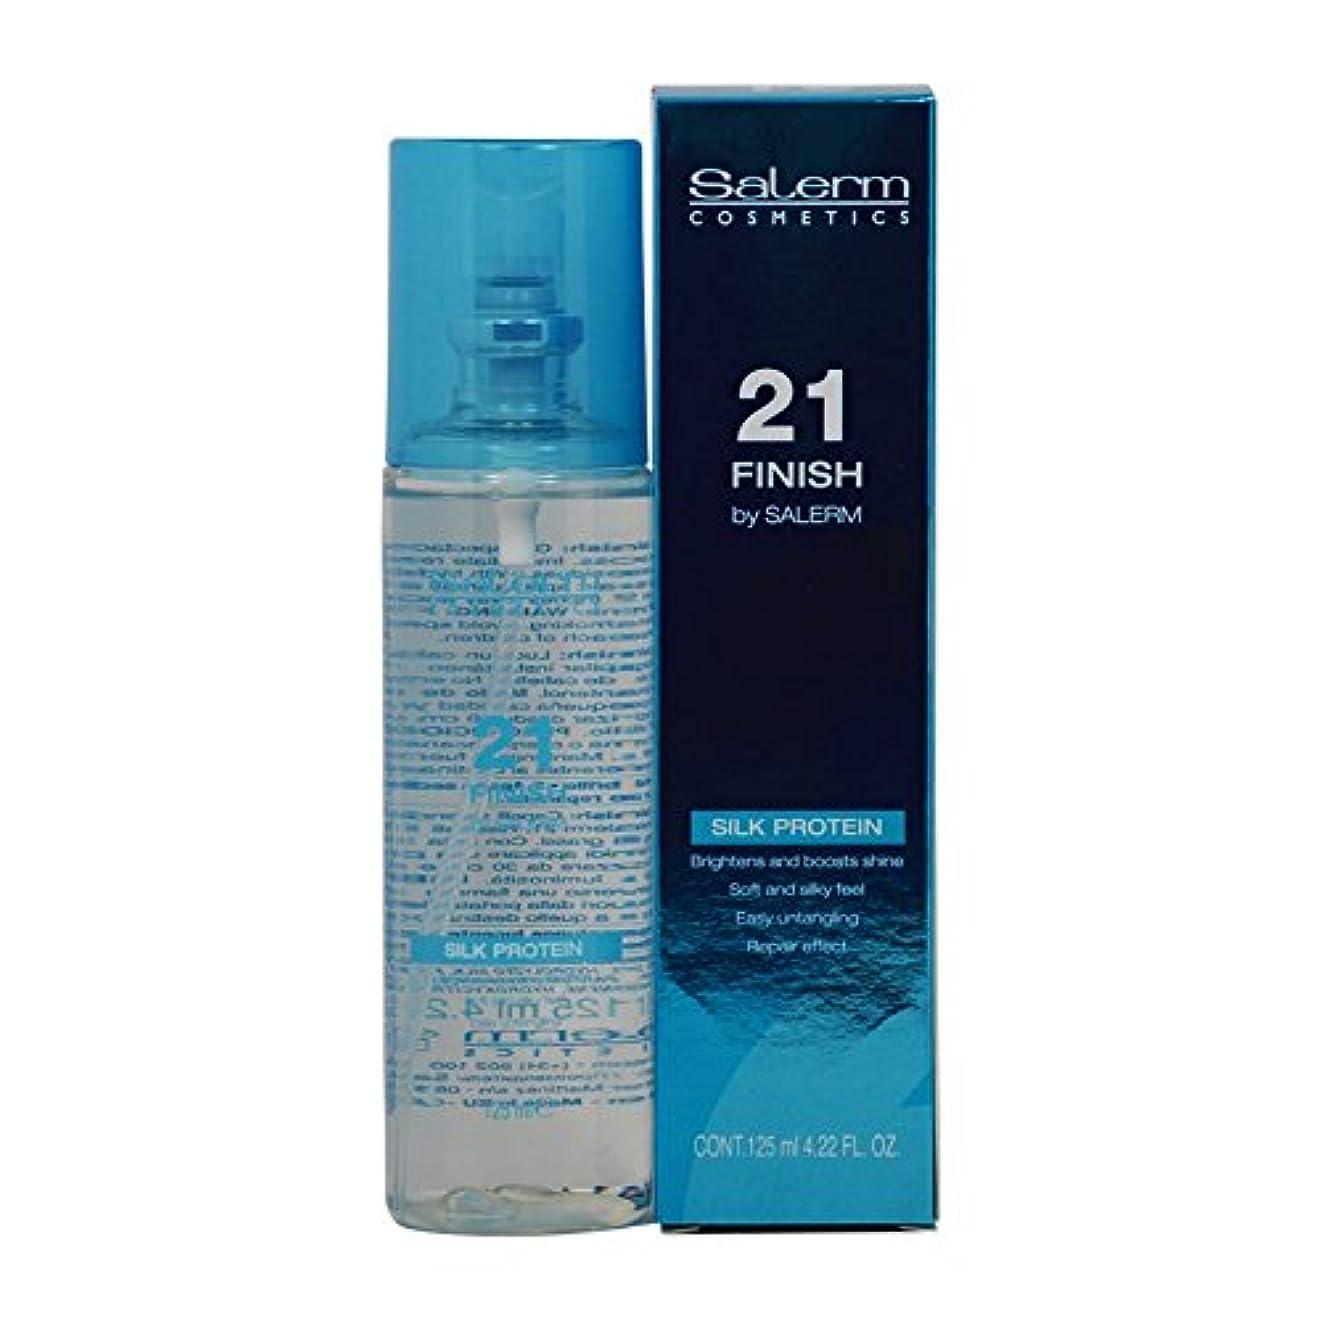 ダンスコインコメントSalerm 21完了絹タンパク質4.22オンススプレー 4.22液量オンス